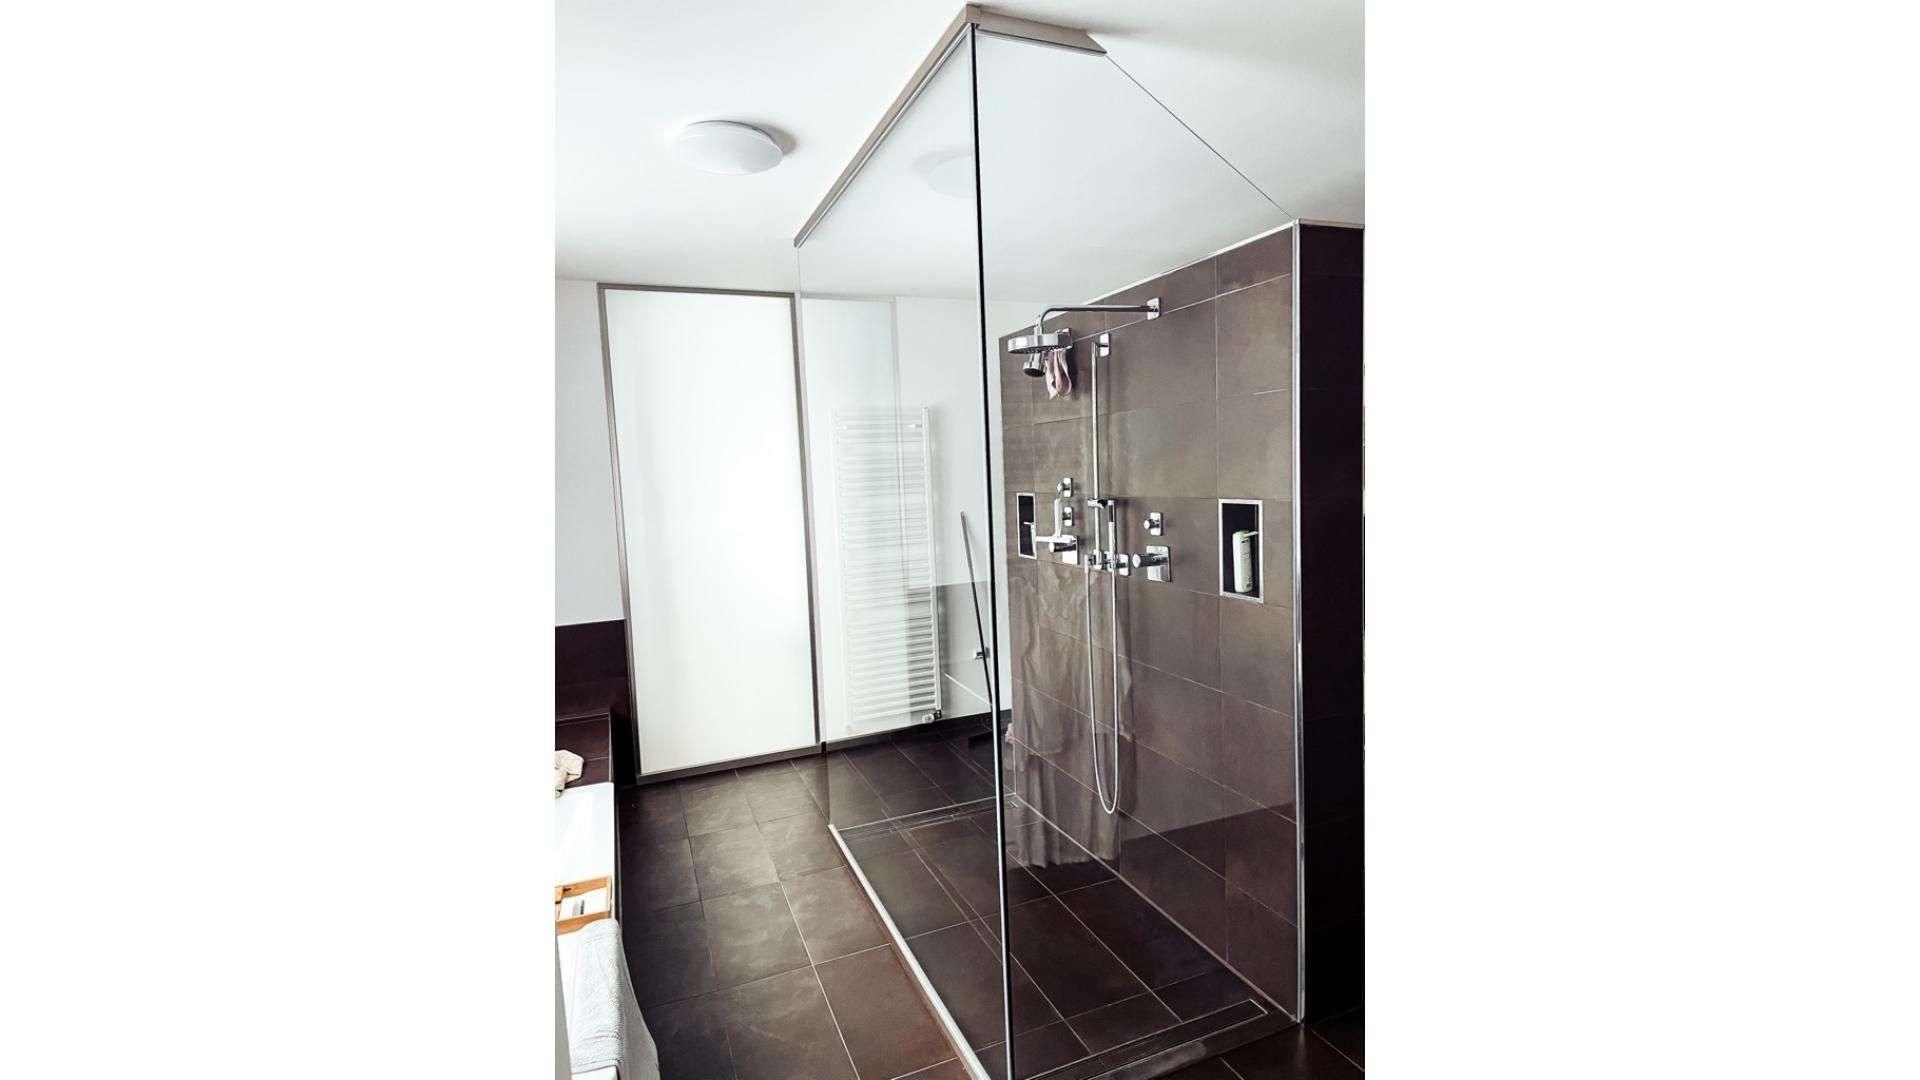 freistehende Dusche mit Glas-Trennwand in einem Badezimmer